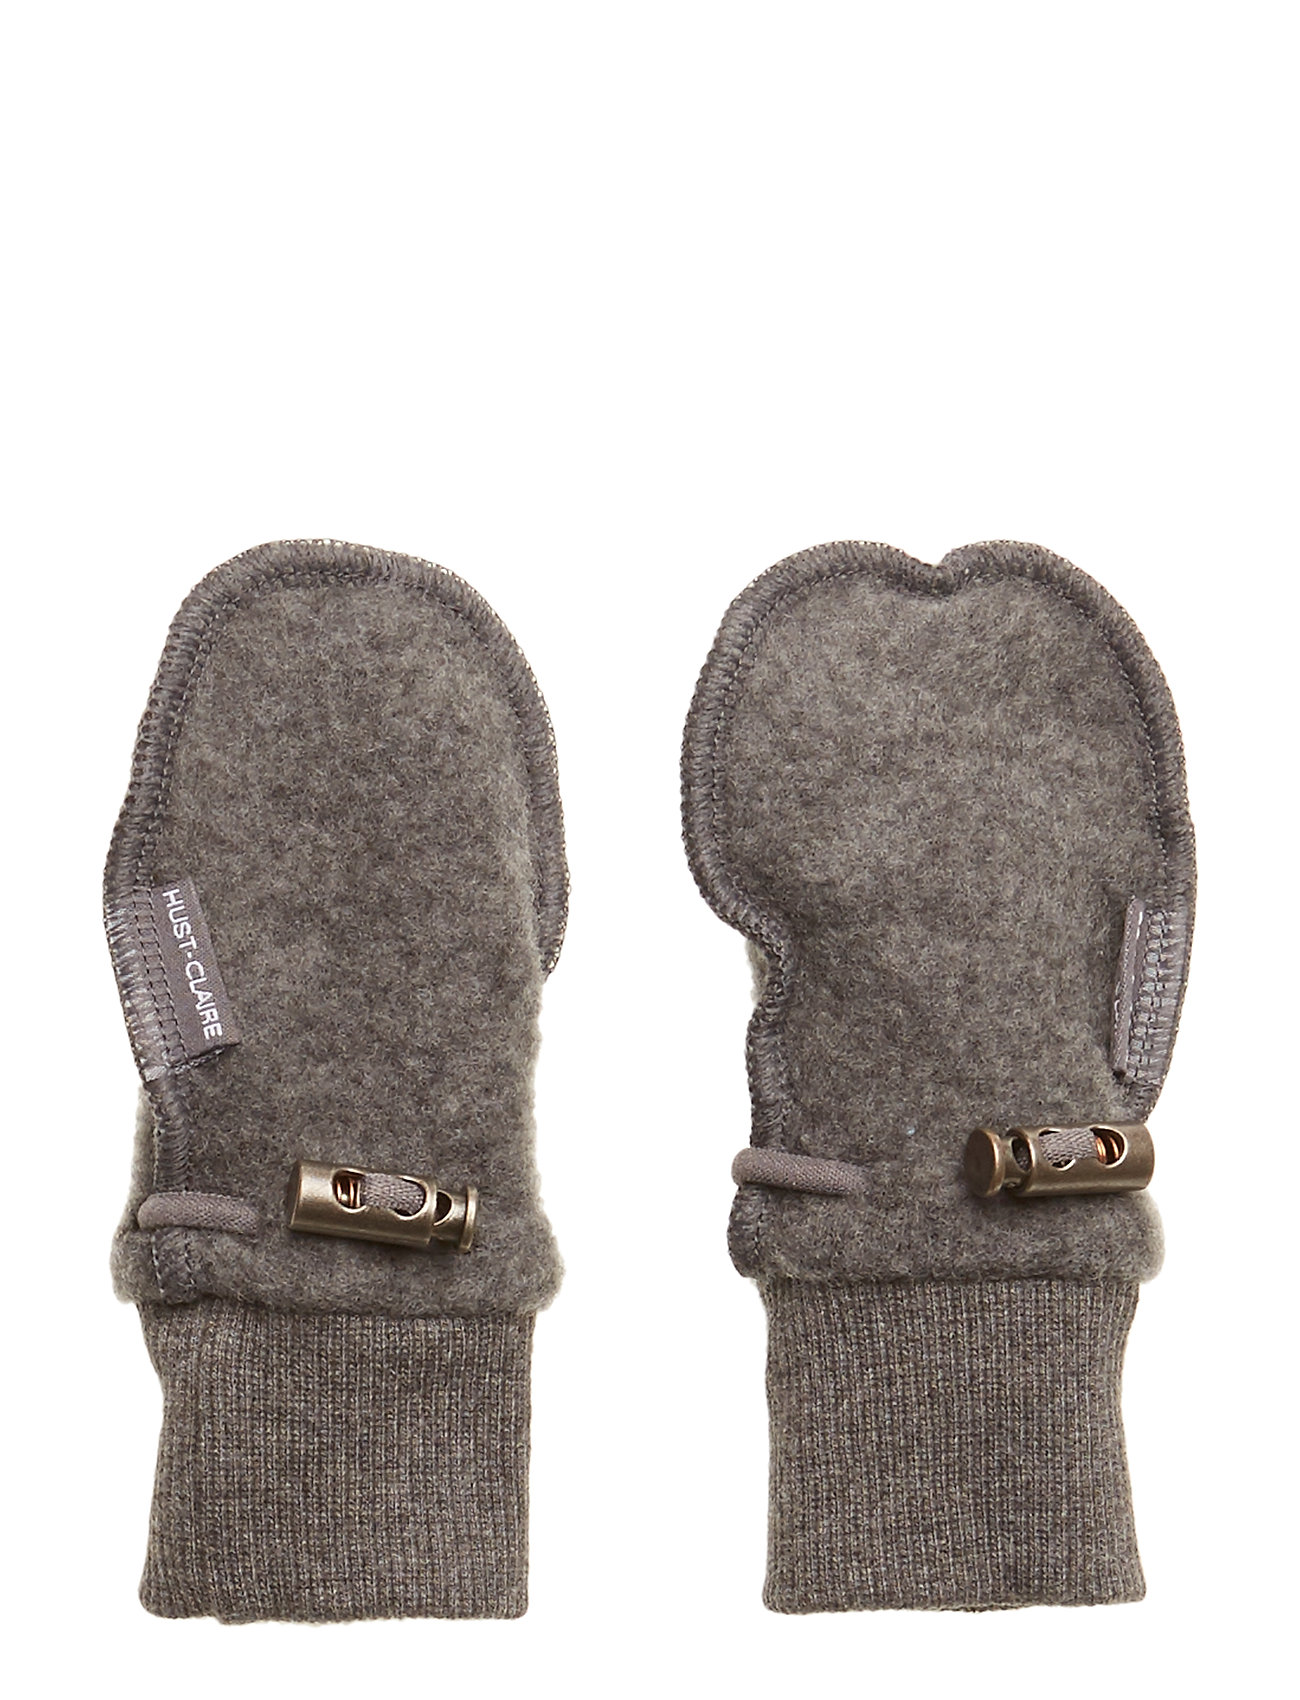 Hust & Claire Ferri - Glove